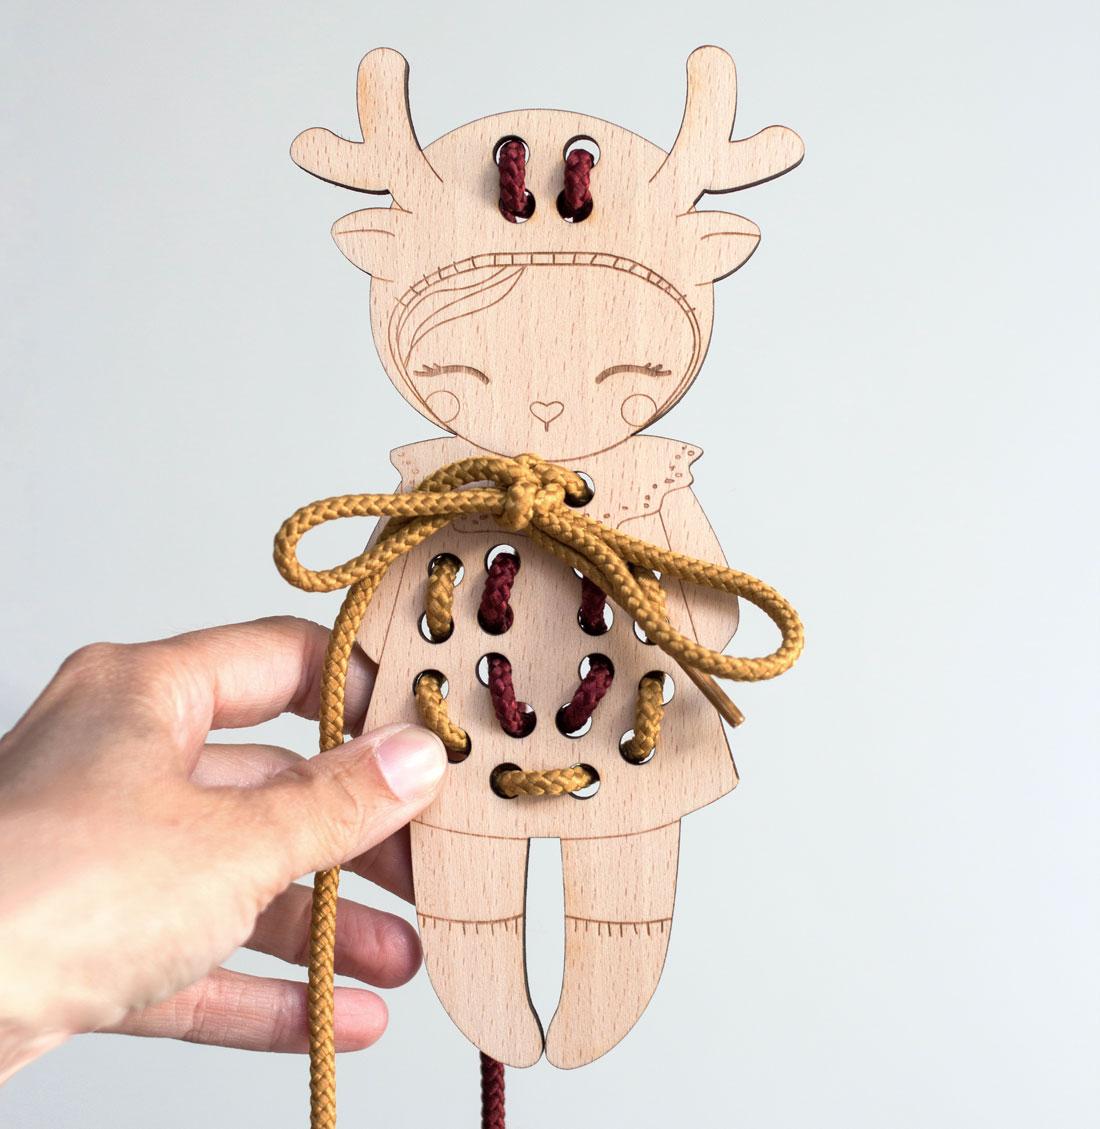 jeu de motricité fine personnage en bois à lacer